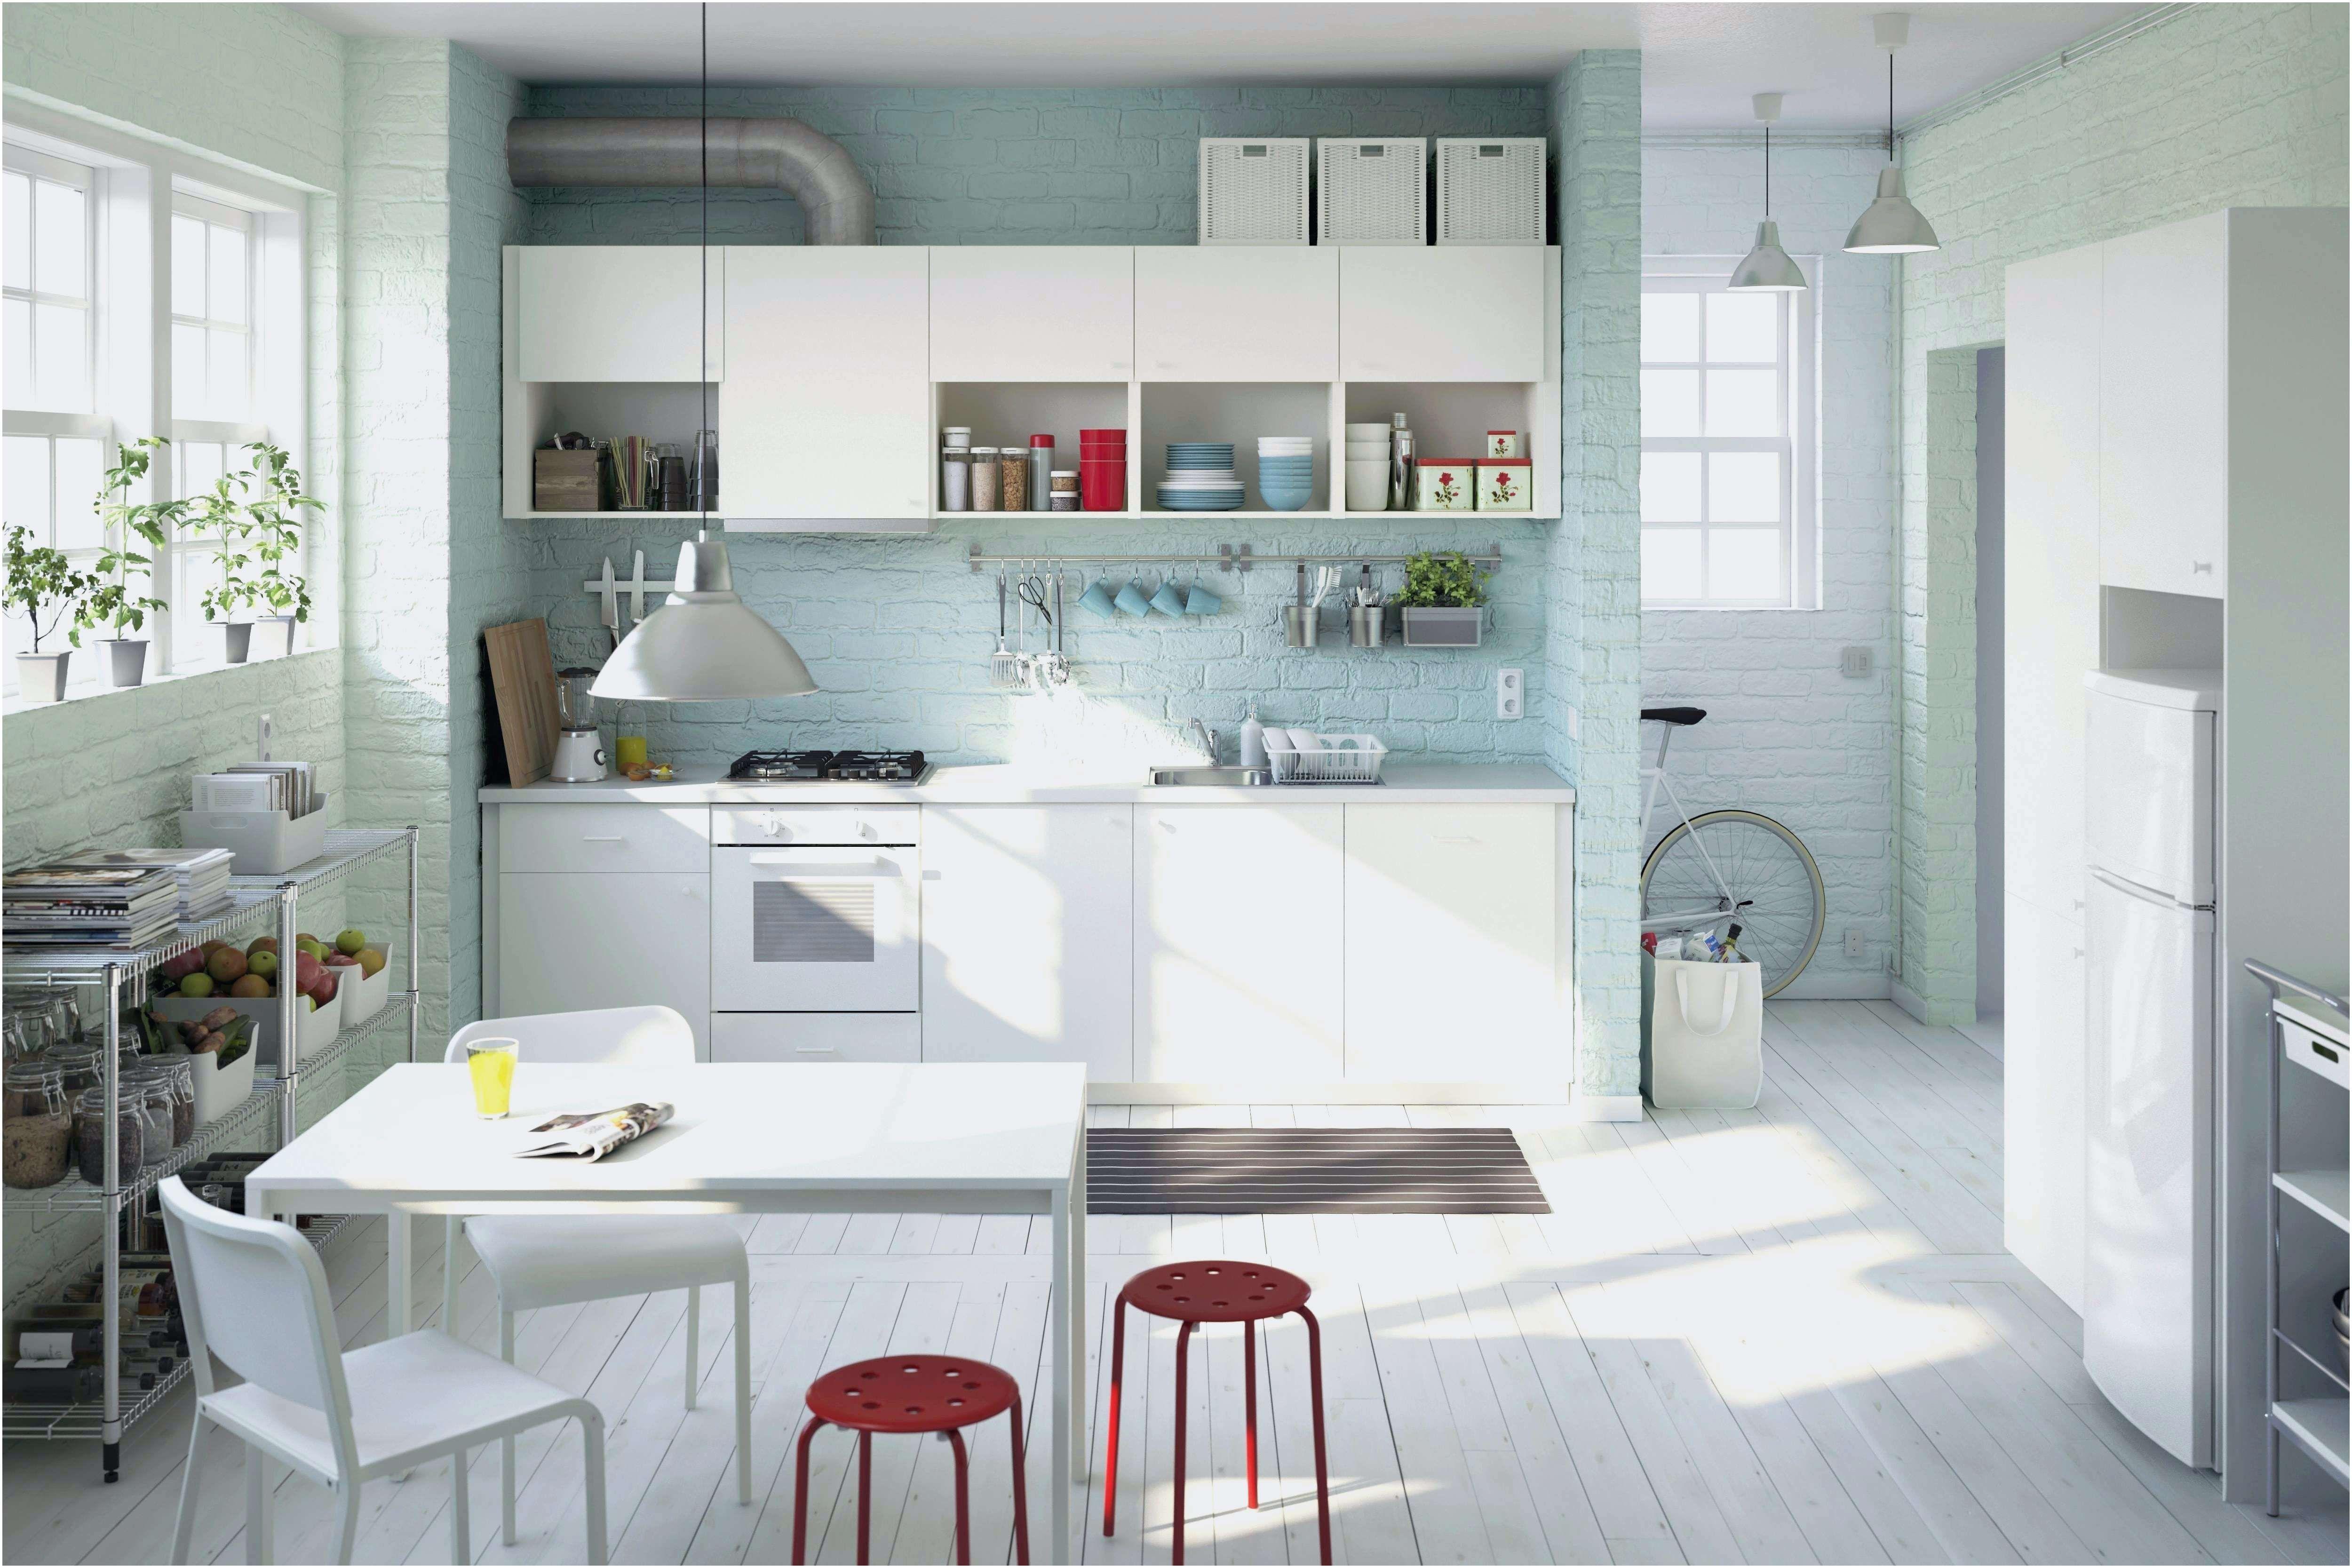 armoire le bon coin armoire le bon coin le bon coin le meilleur du pire du site du bon coin perles du kitchen design simple kitchen cabinets custom kitchens